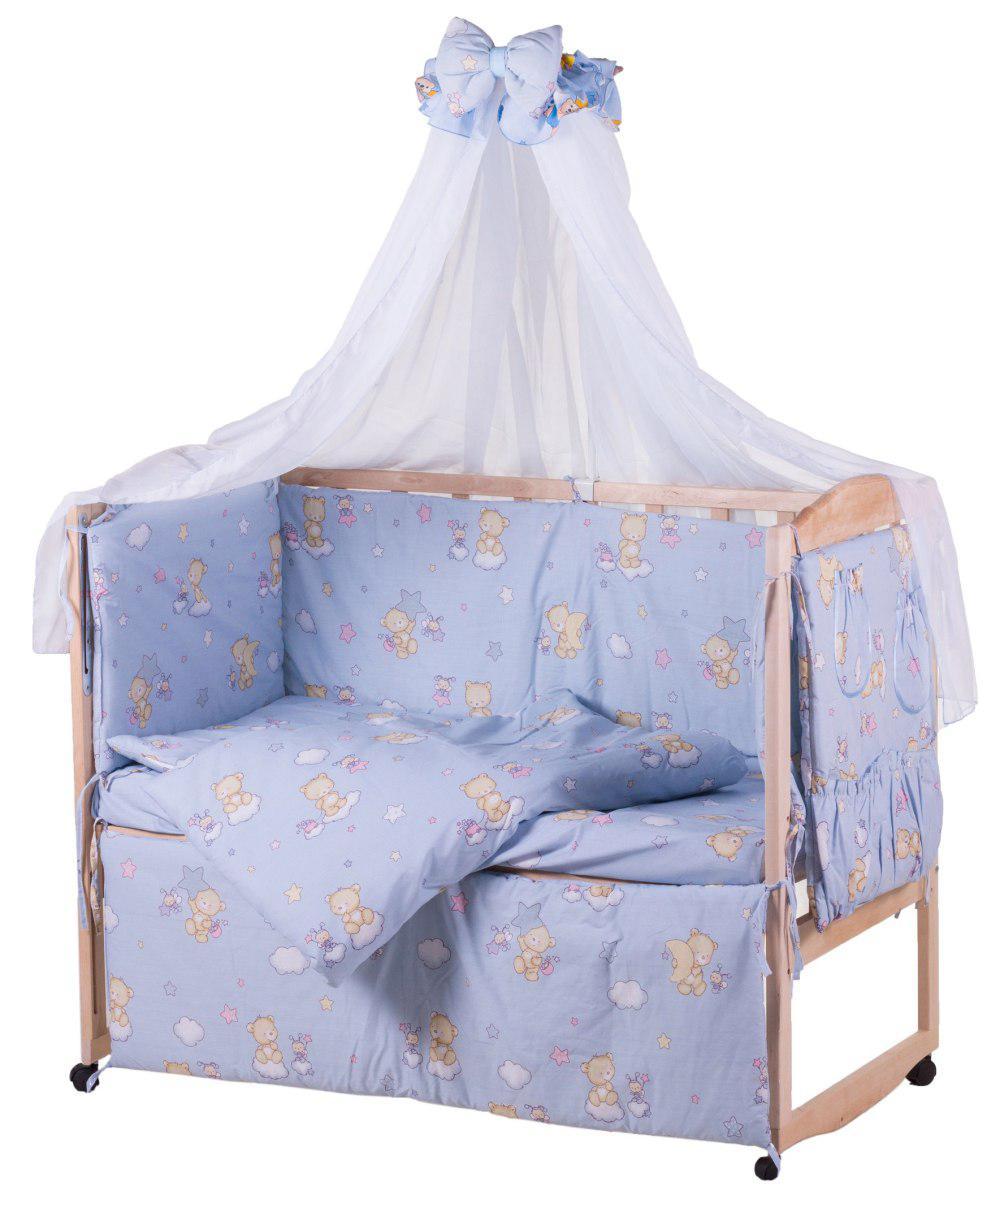 Детская постель Qvatro Gold RG-08 рисунок  голубая (мишки, пчелка, звезда)